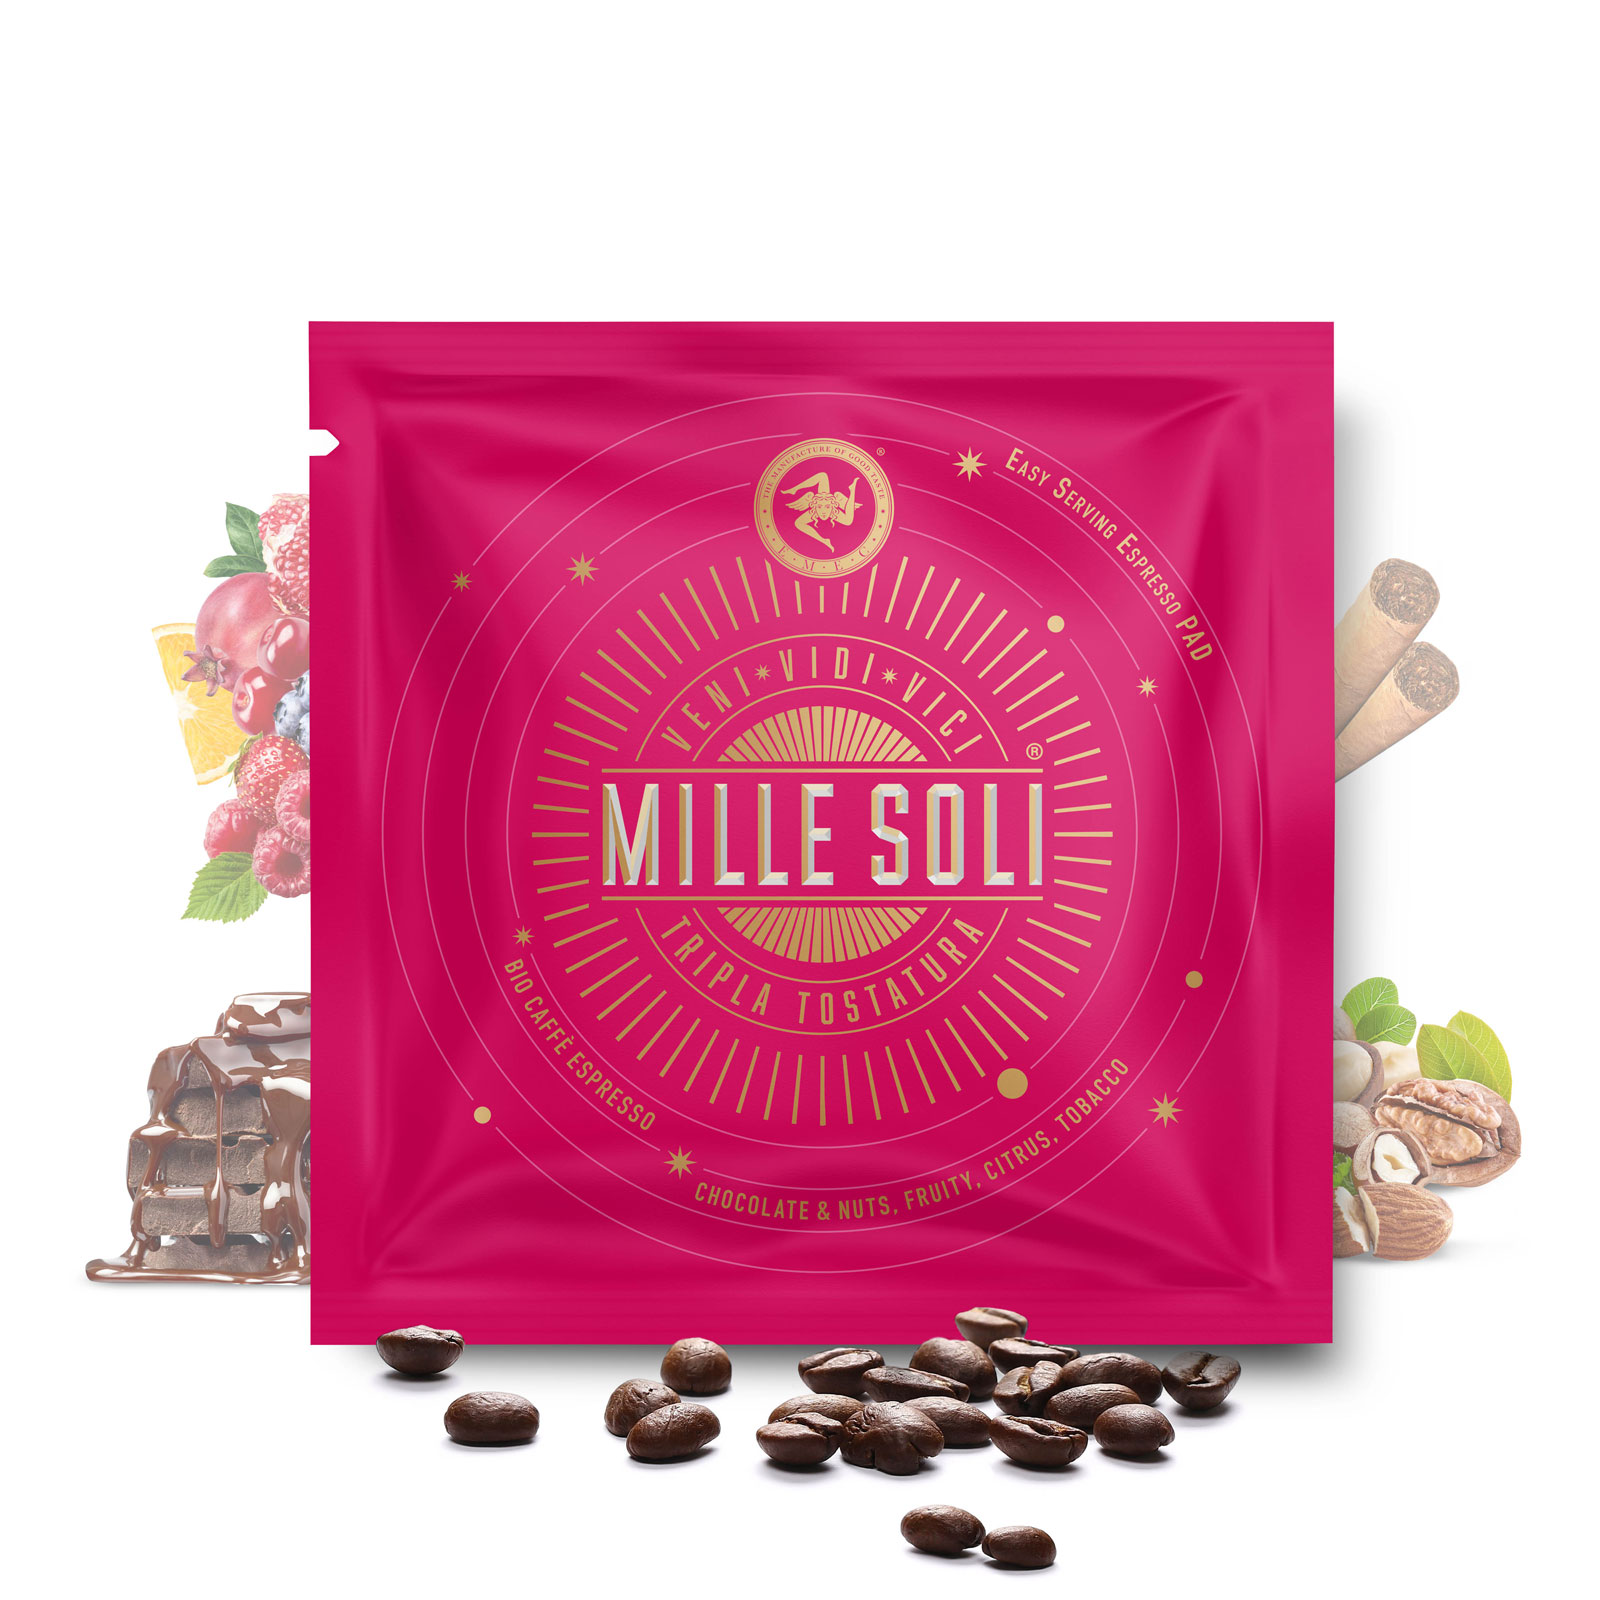 MILLE SOLI - BIO Caffè Espresso - E.S.E Pads LUNGO